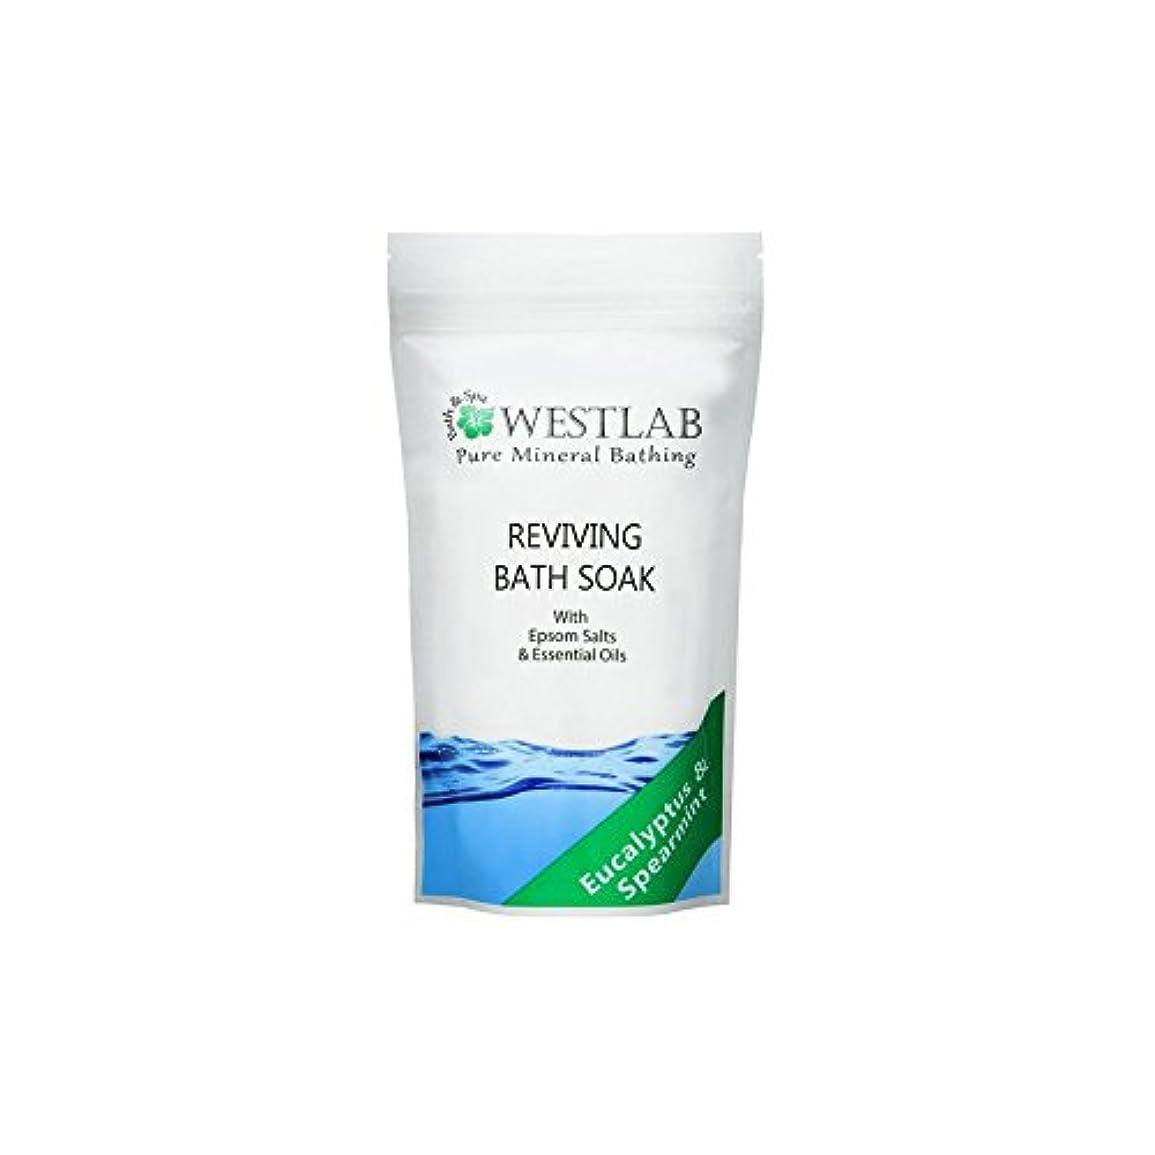 退屈させる飢俳句Westlab Revive Epsom Salt Bath Soak (500g) (Pack of 6) - (500グラム)をソークエプソム塩浴を復活させます x6 [並行輸入品]